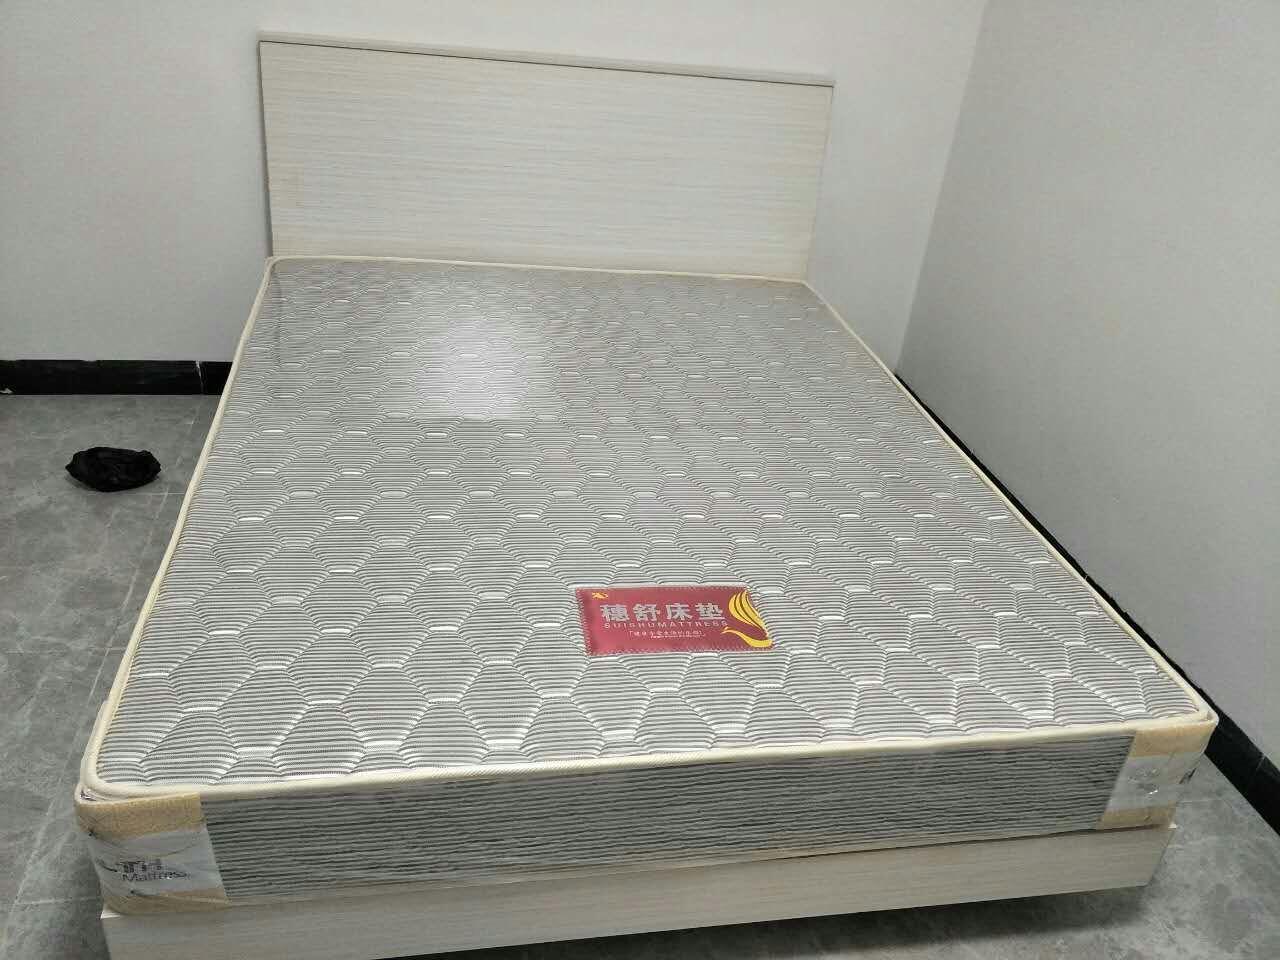 厂家直销软硬棕垫 席梦思床垫乳胶 宾馆公寓酒店 床垫-杭州床垫